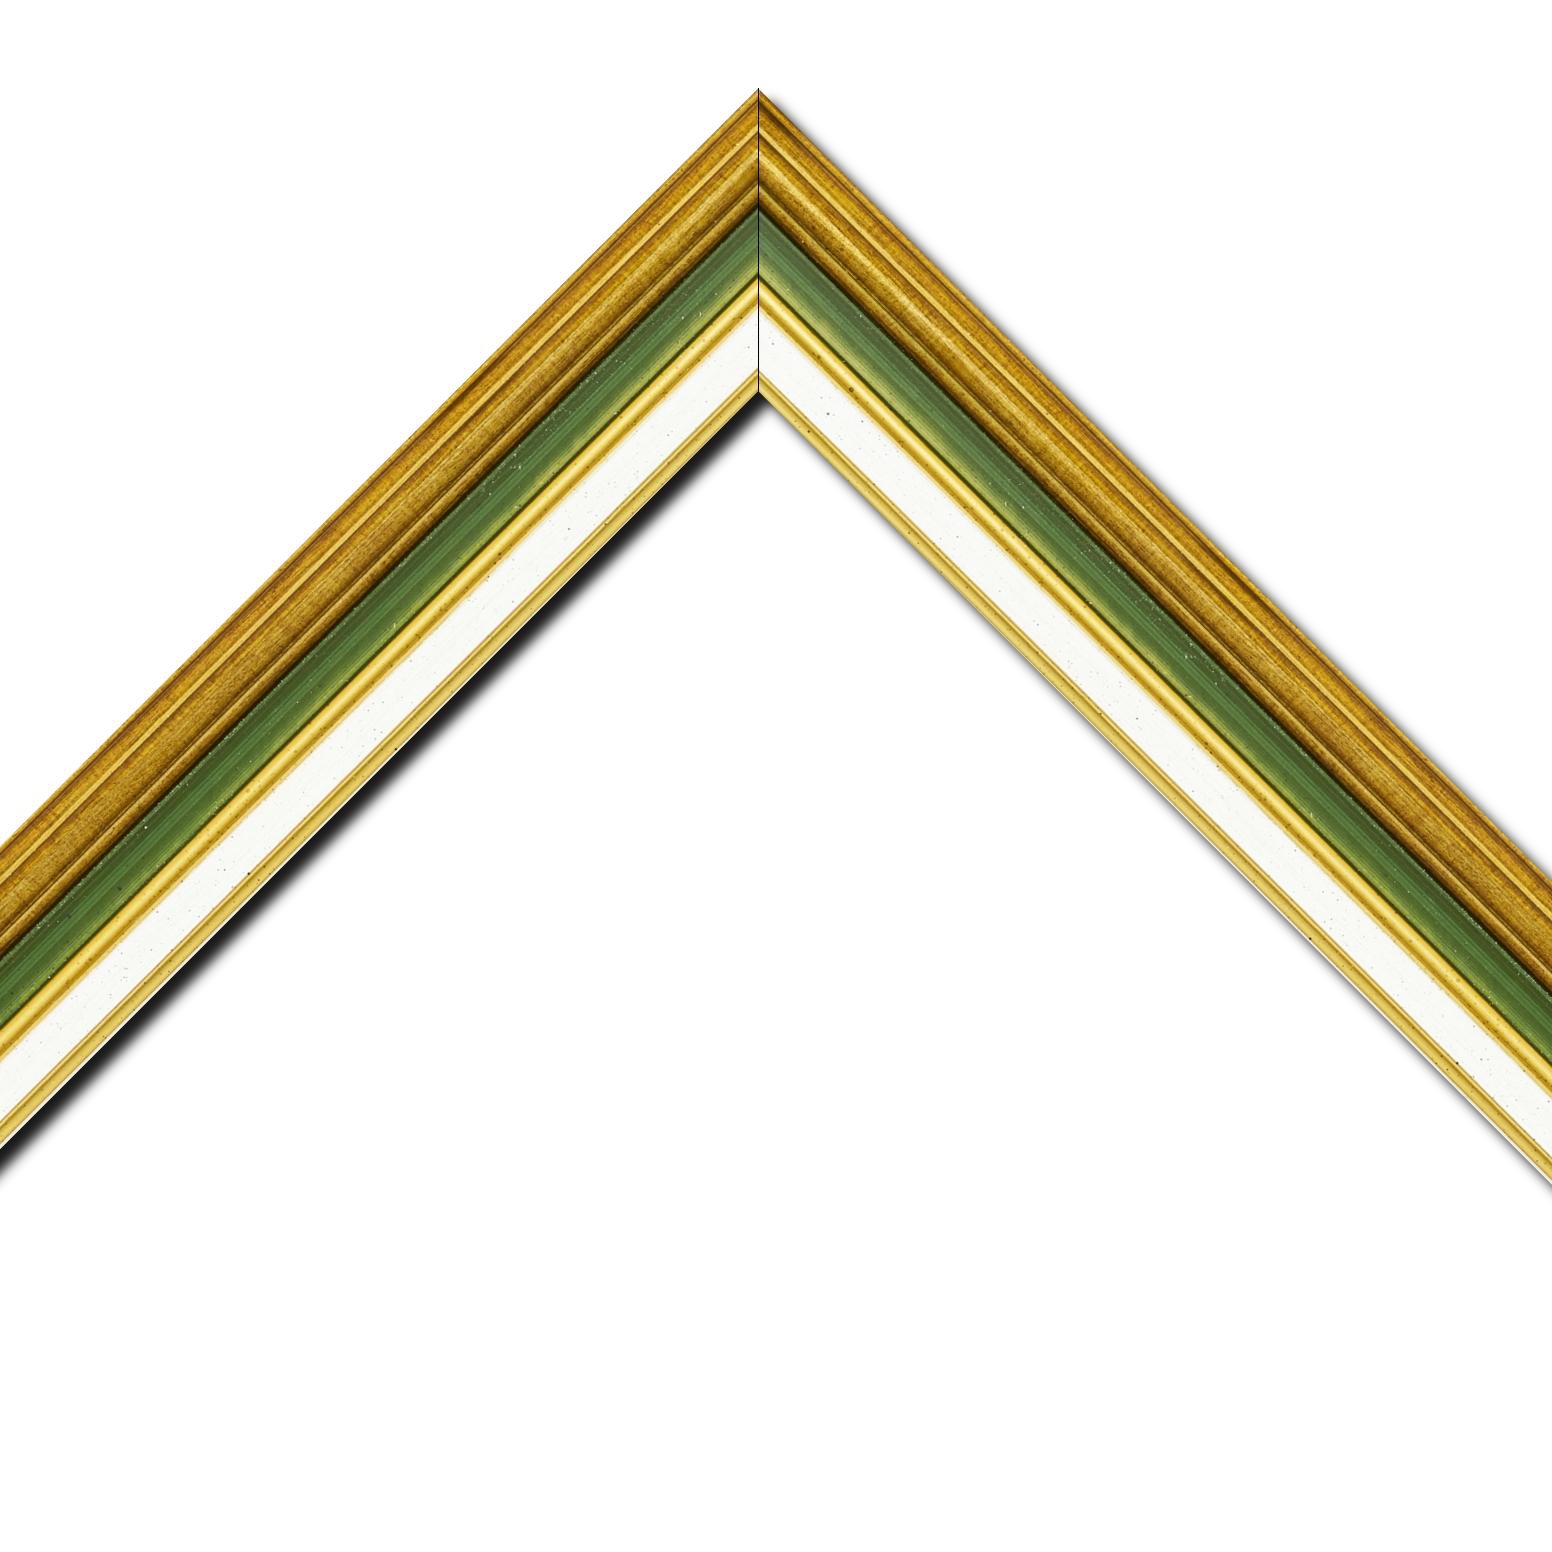 Baguette bois largeur 5.2cm or gorge verte  marie louise crème filet or intégrée